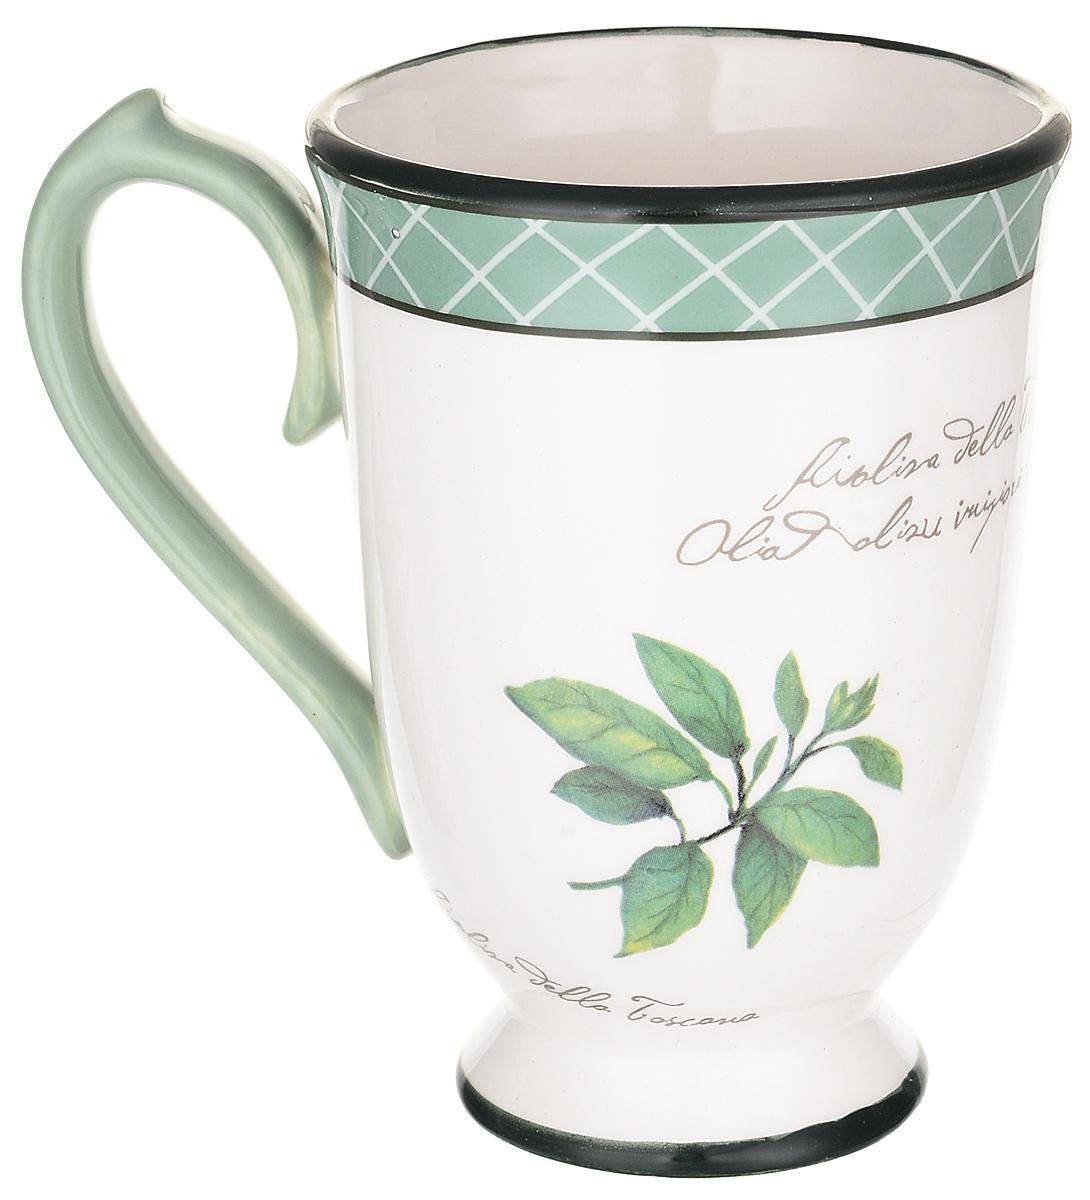 """Пить чай всегда хочется не торопясь и с удовольствием, особенно приятно, когда в руках красивая посуда, которая помогает раскрыть все нотки вкуса настоящего напитка. Любому поднимет настроение и окунет в мир наслаждения стильная кружка """"Италия""""."""